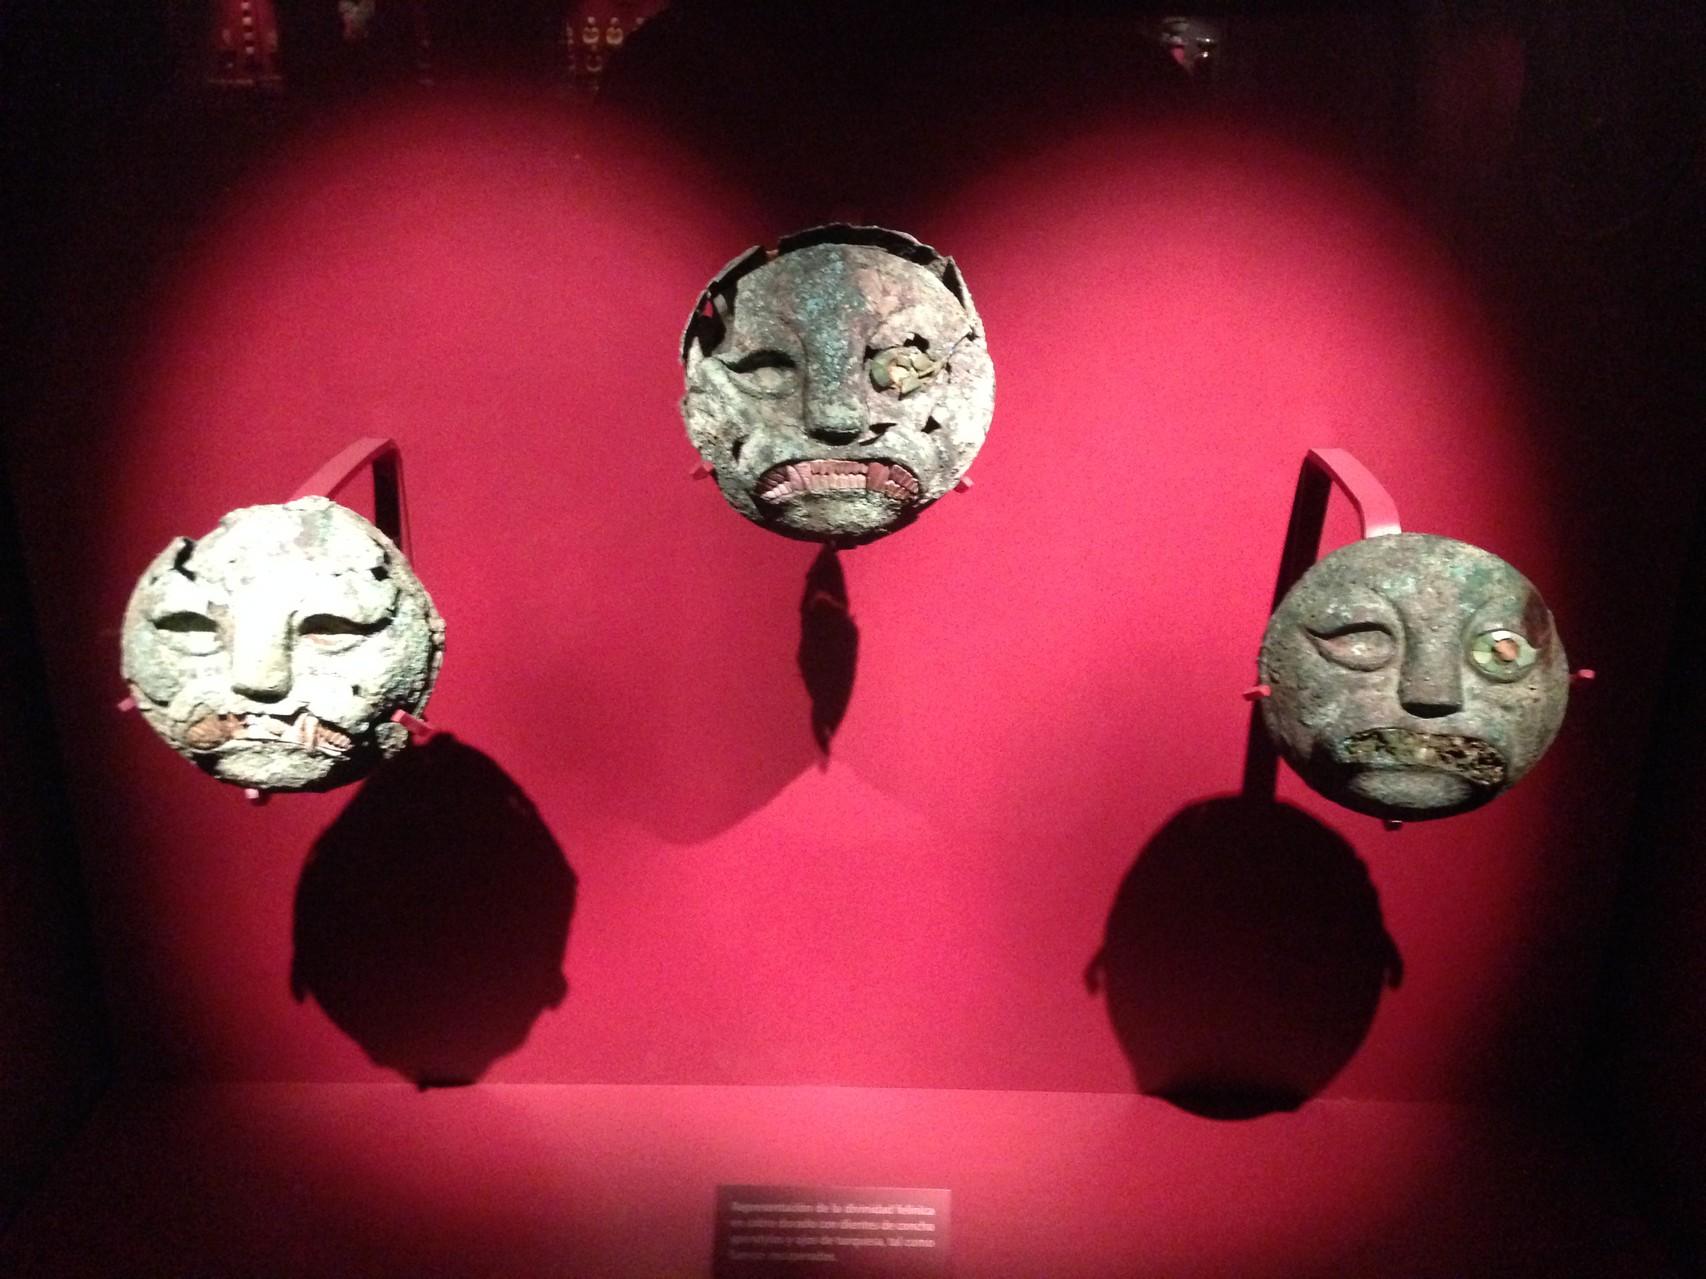 weitere Totenmasken